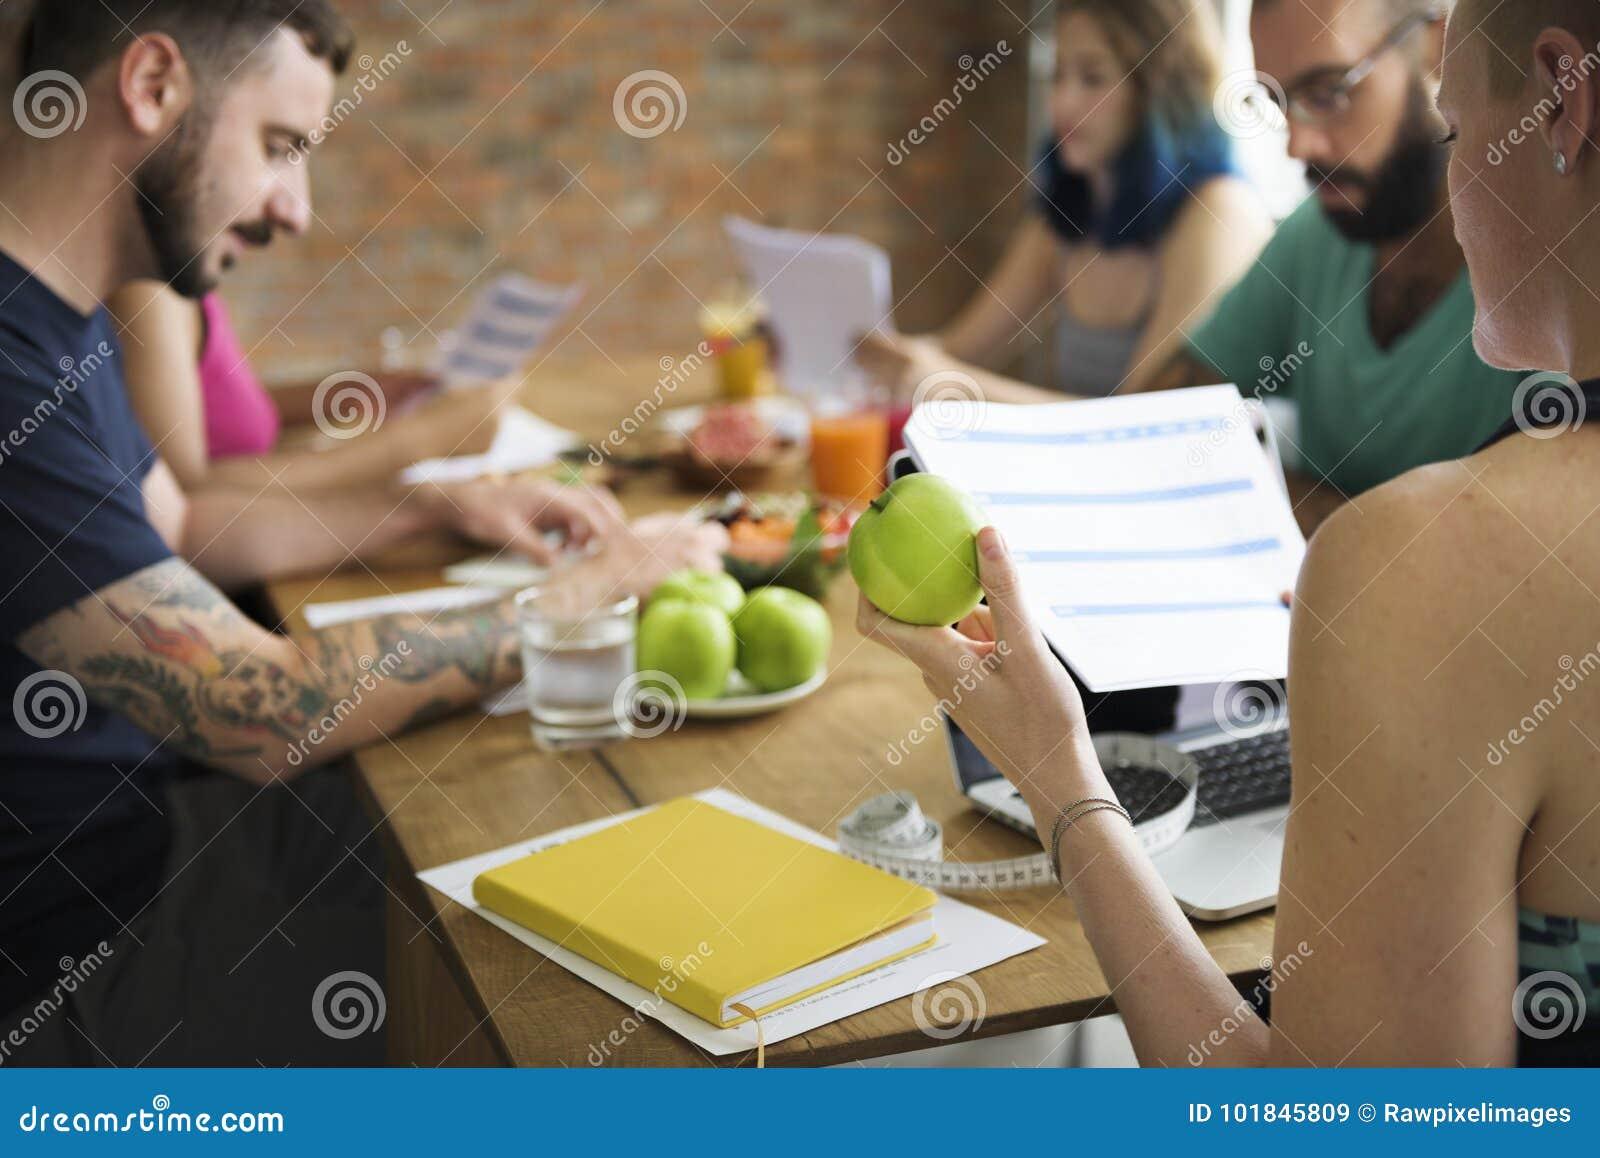 Een groep diverse gezonde mensen die gezondheidsvorm samen bestuderen